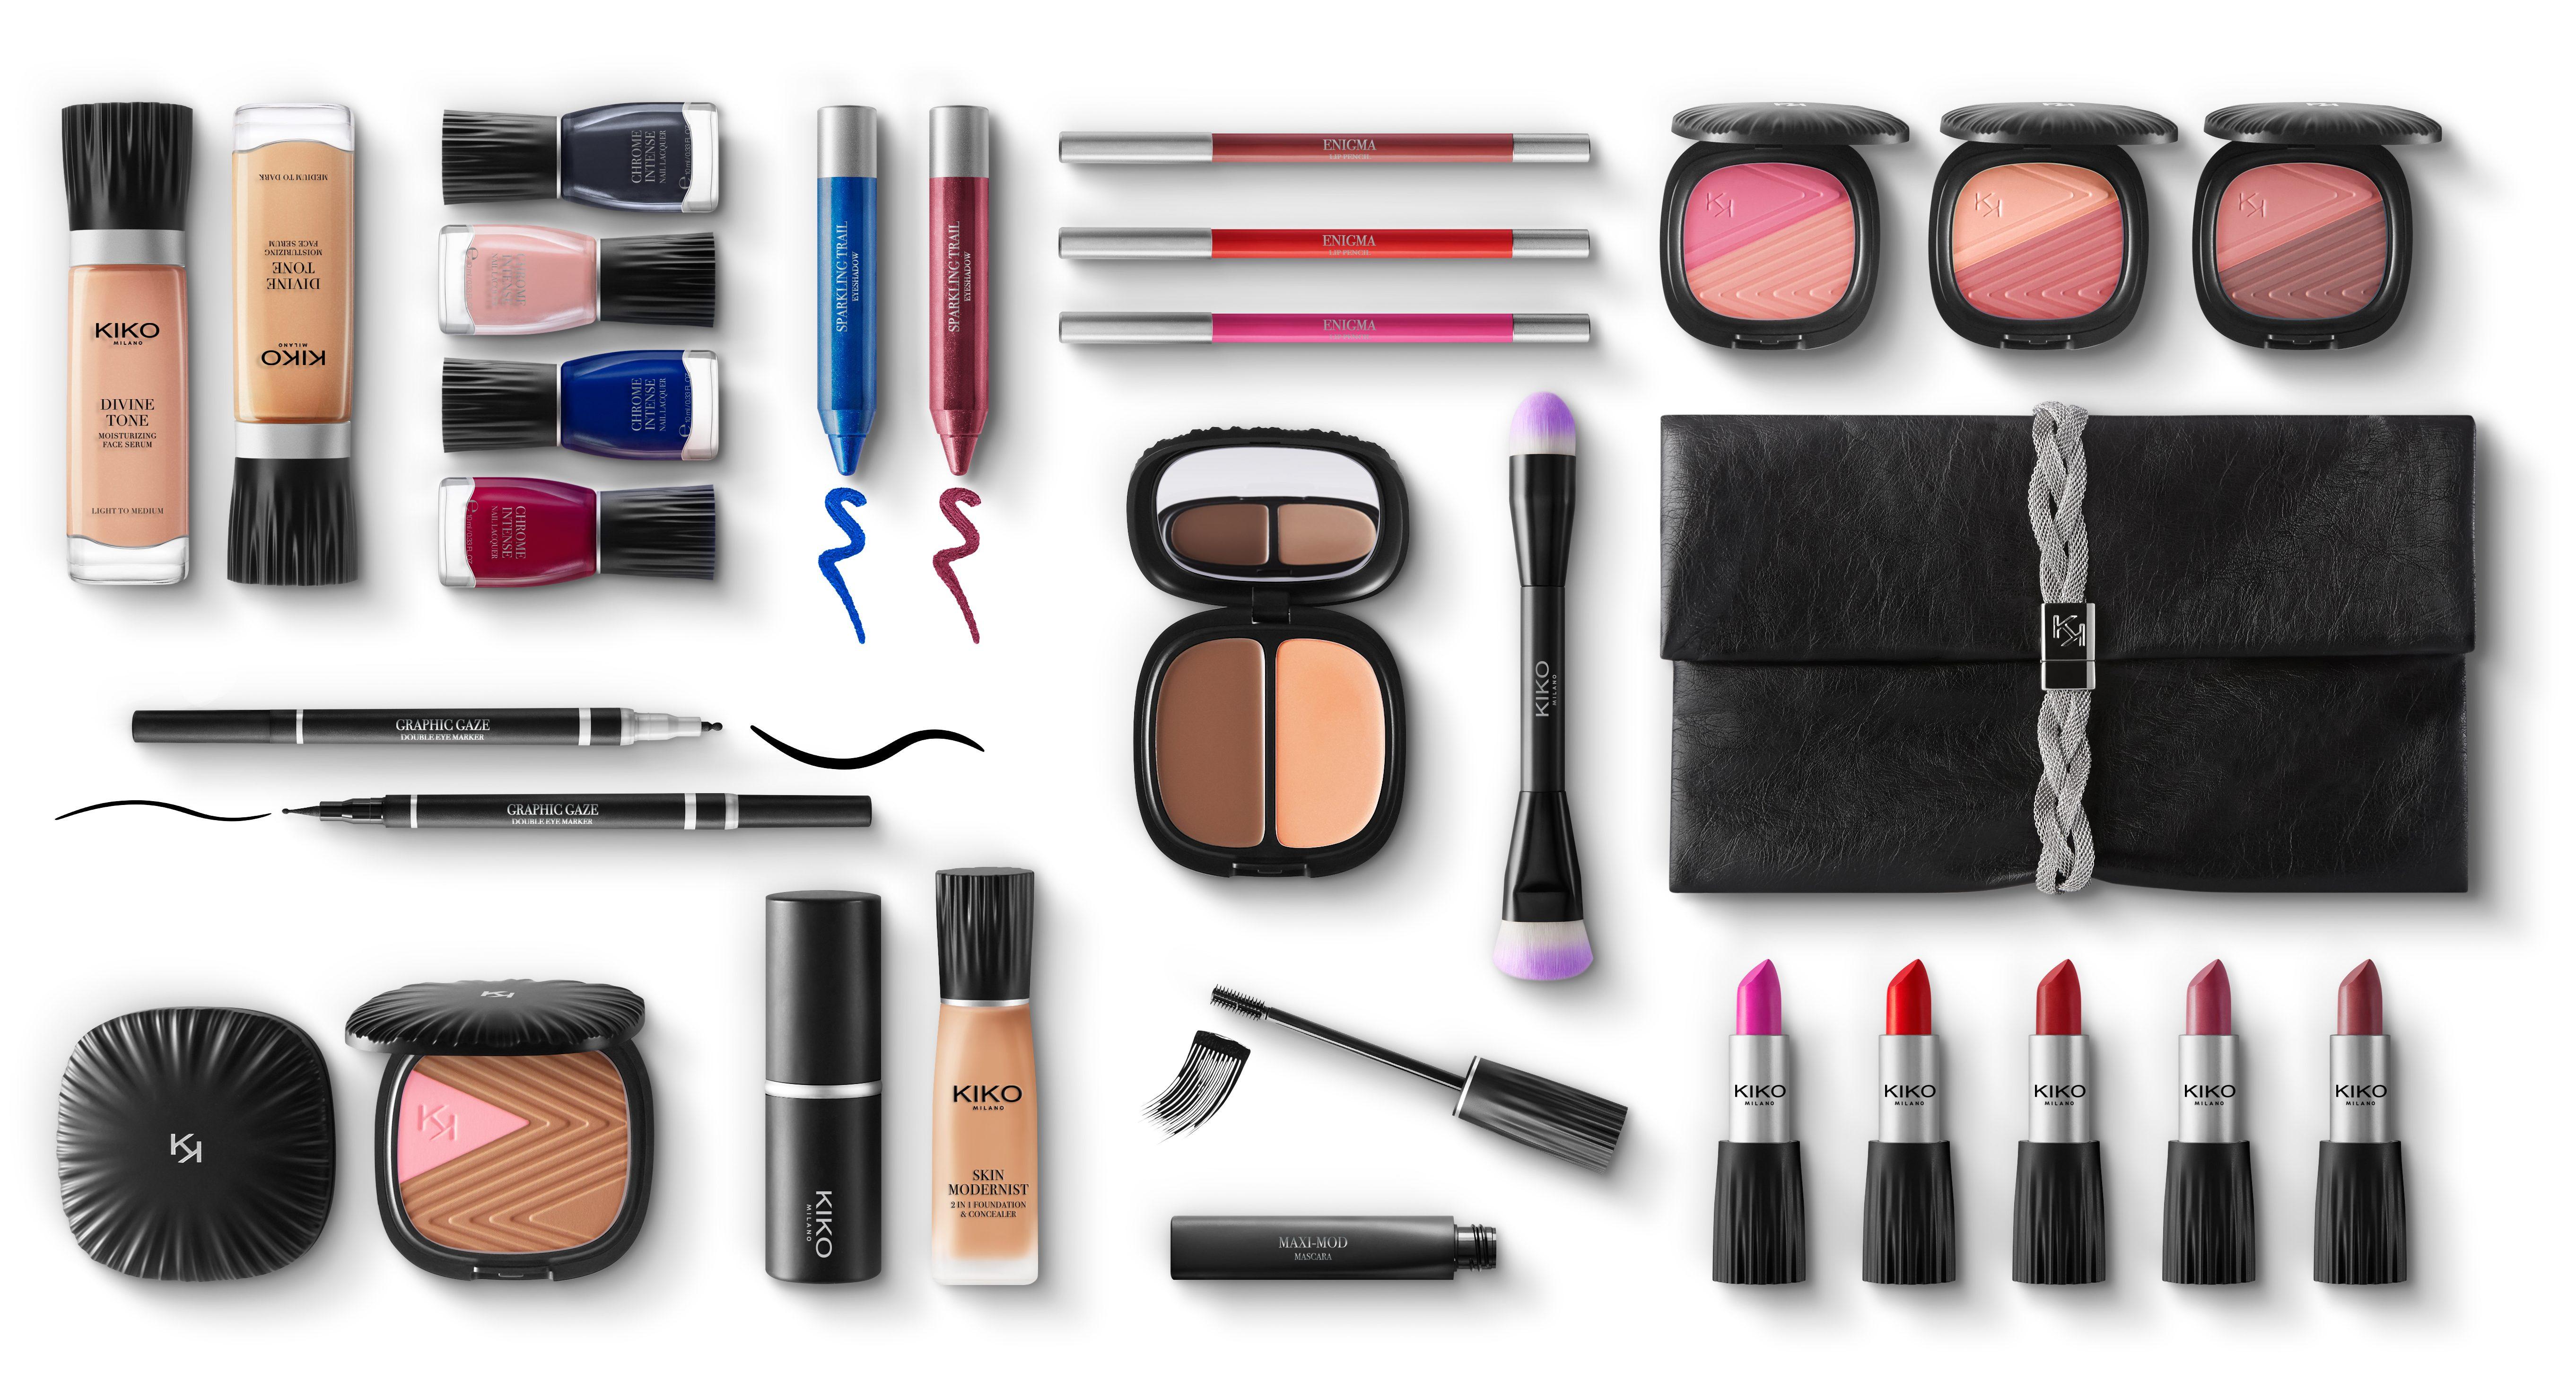 nuova collezione makeup kiko neo noir autunno inverno 2016